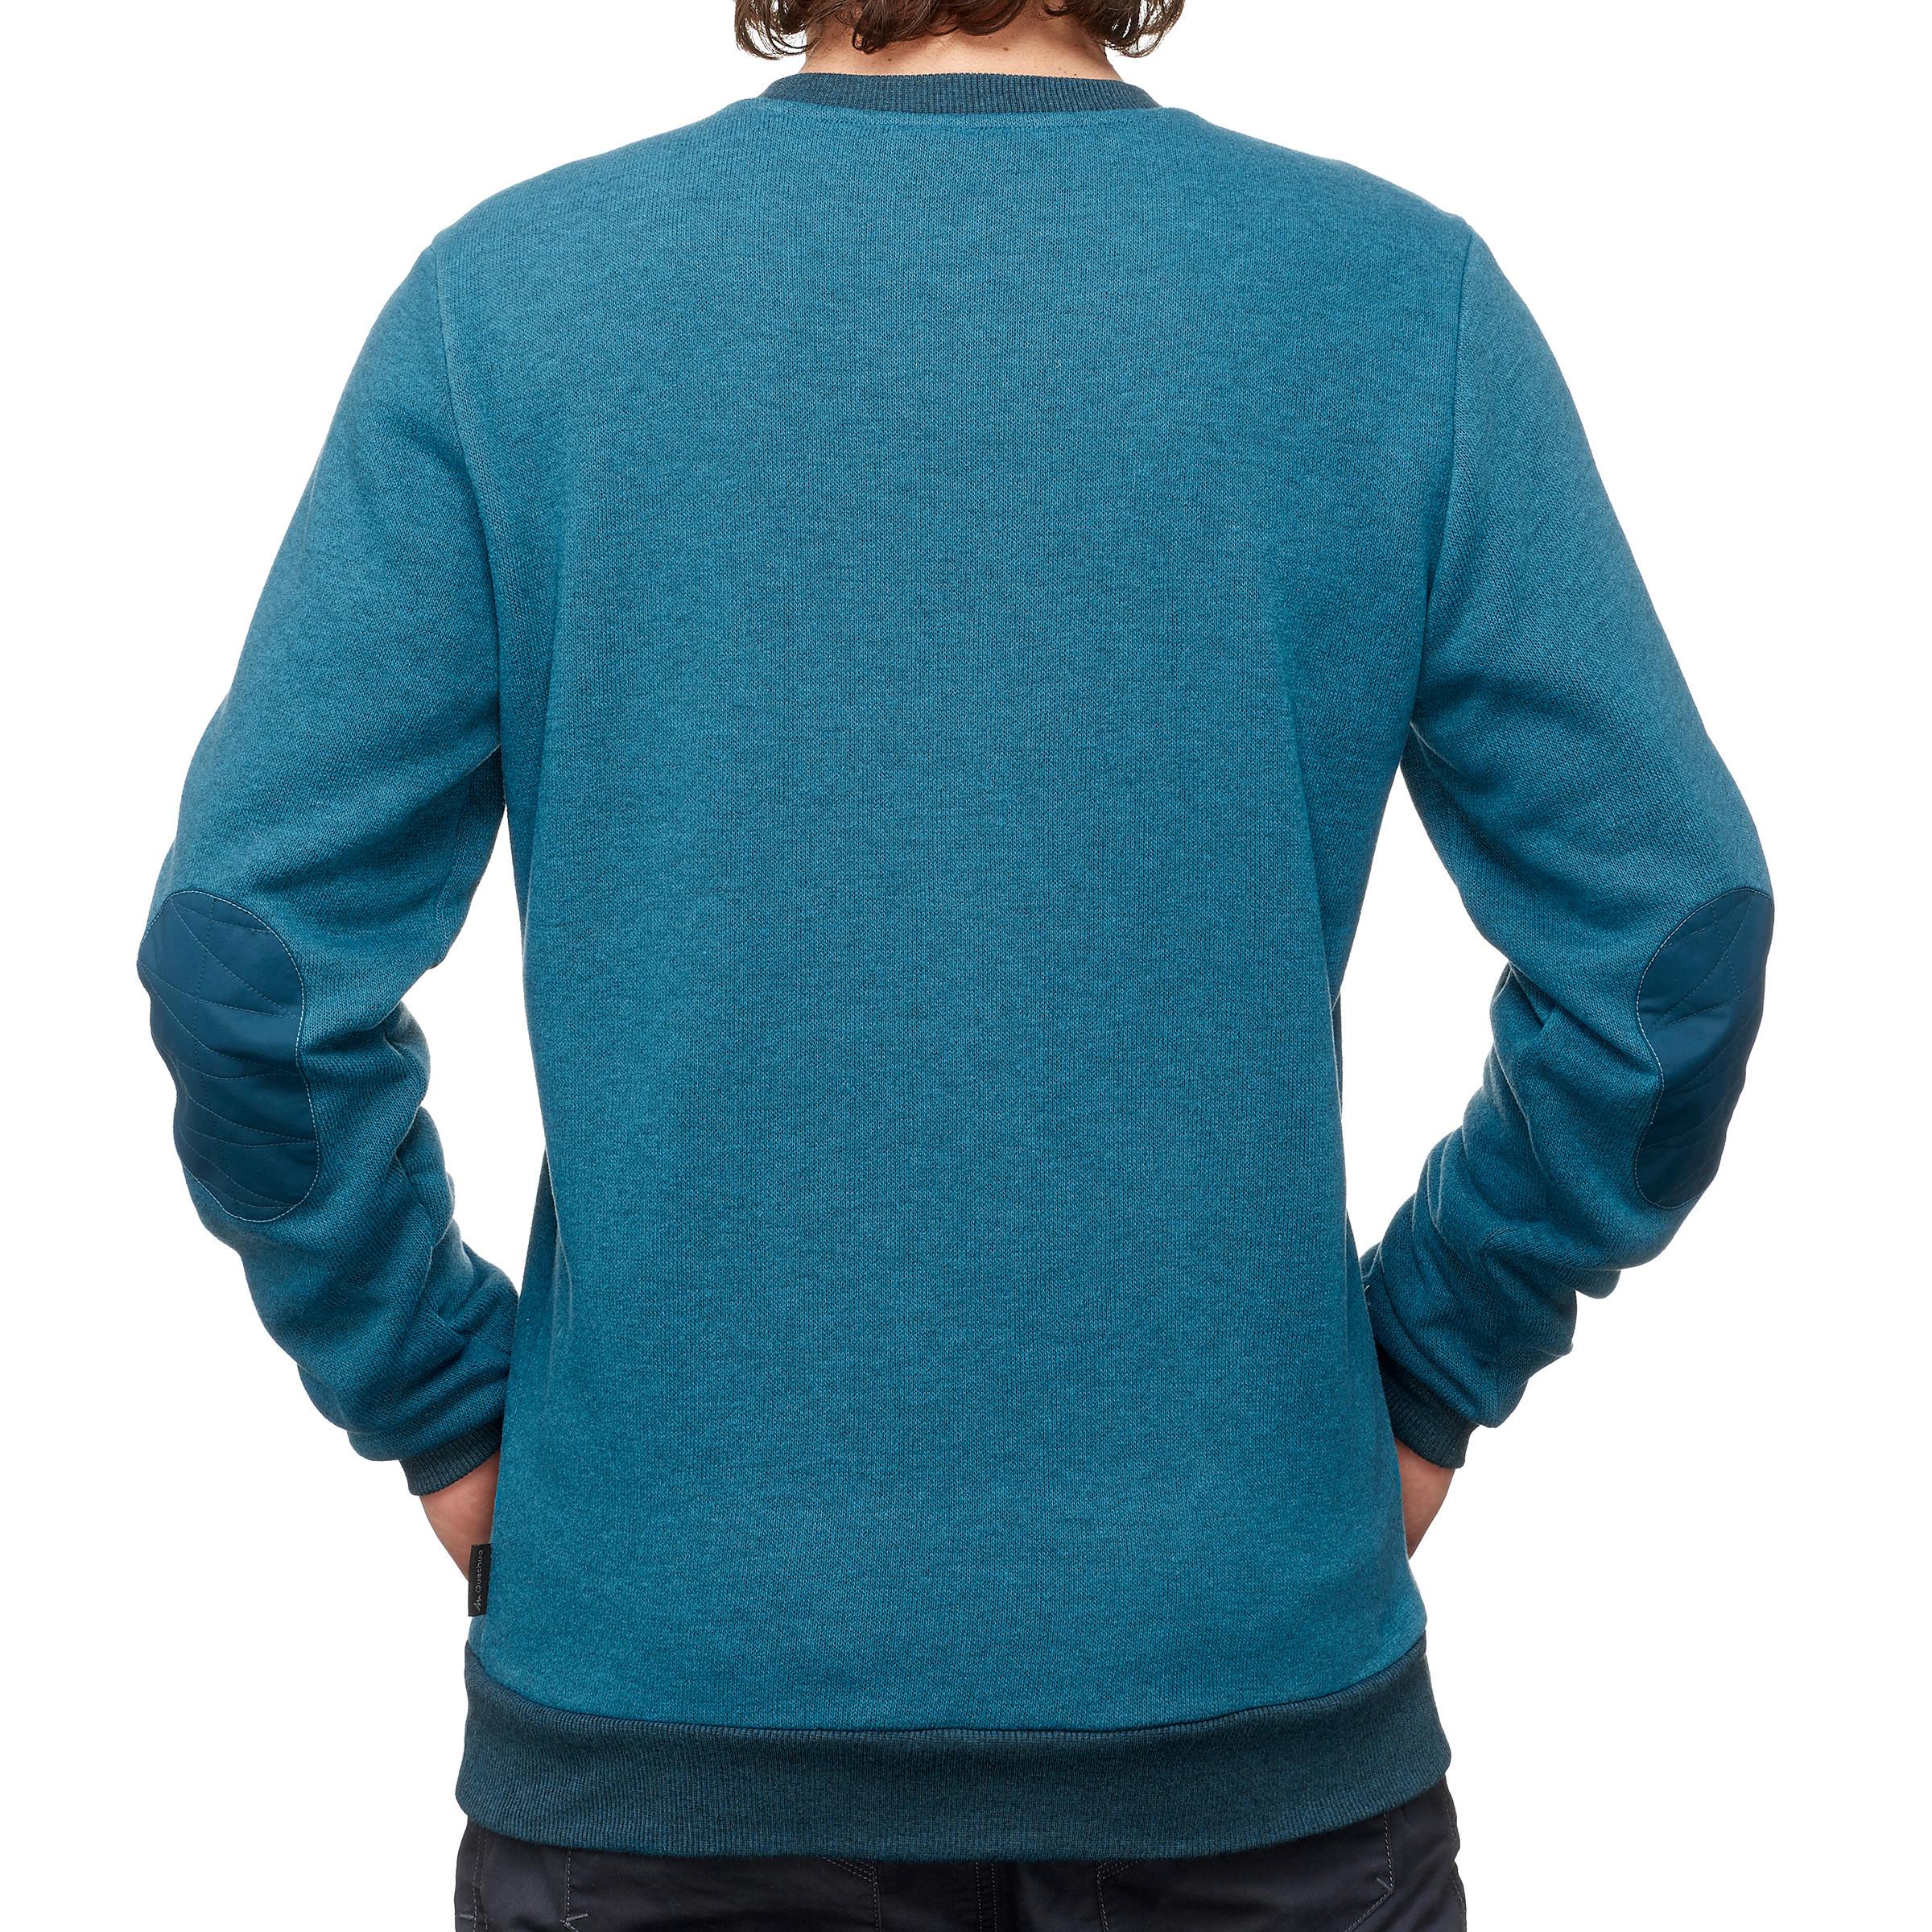 Tricot randonnée nature homme NH150 bleu turquoise